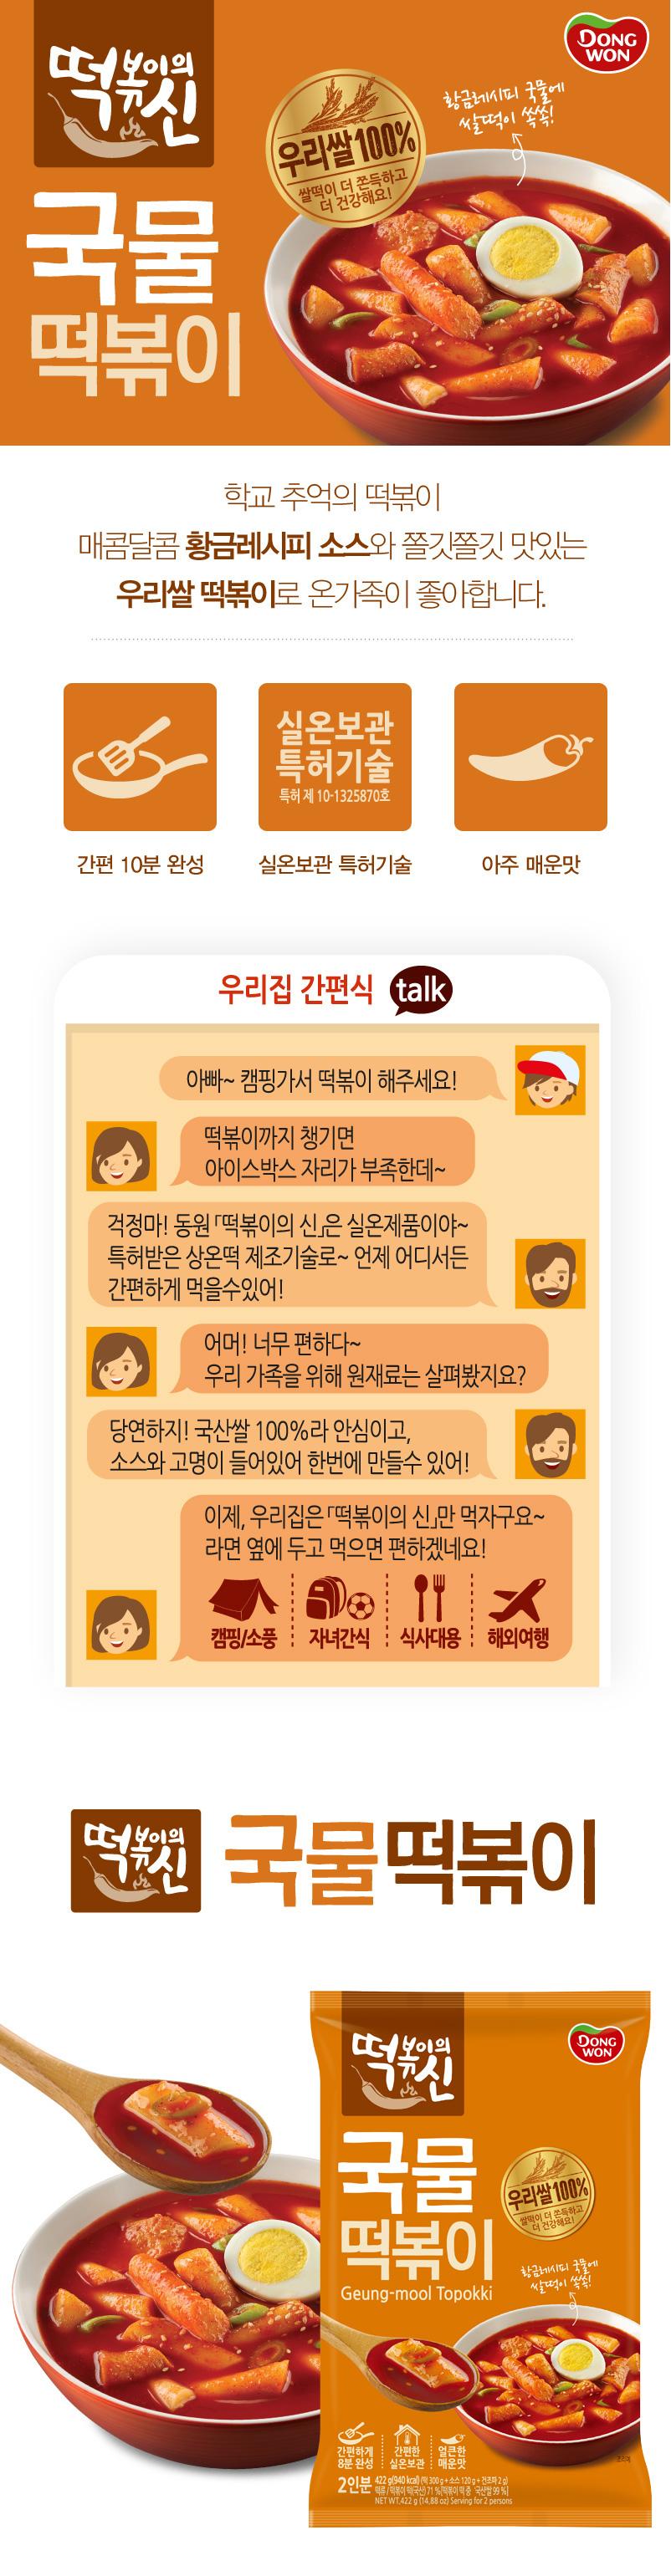 동원 떡볶이의 신 국물떡볶이 학교 추억의 떡볶이 매콤달콤 황금레시피 소스와 쫄깃쫄깃 맛있는 우리쌀 떡볶이로 온가족이 좋아합니다.